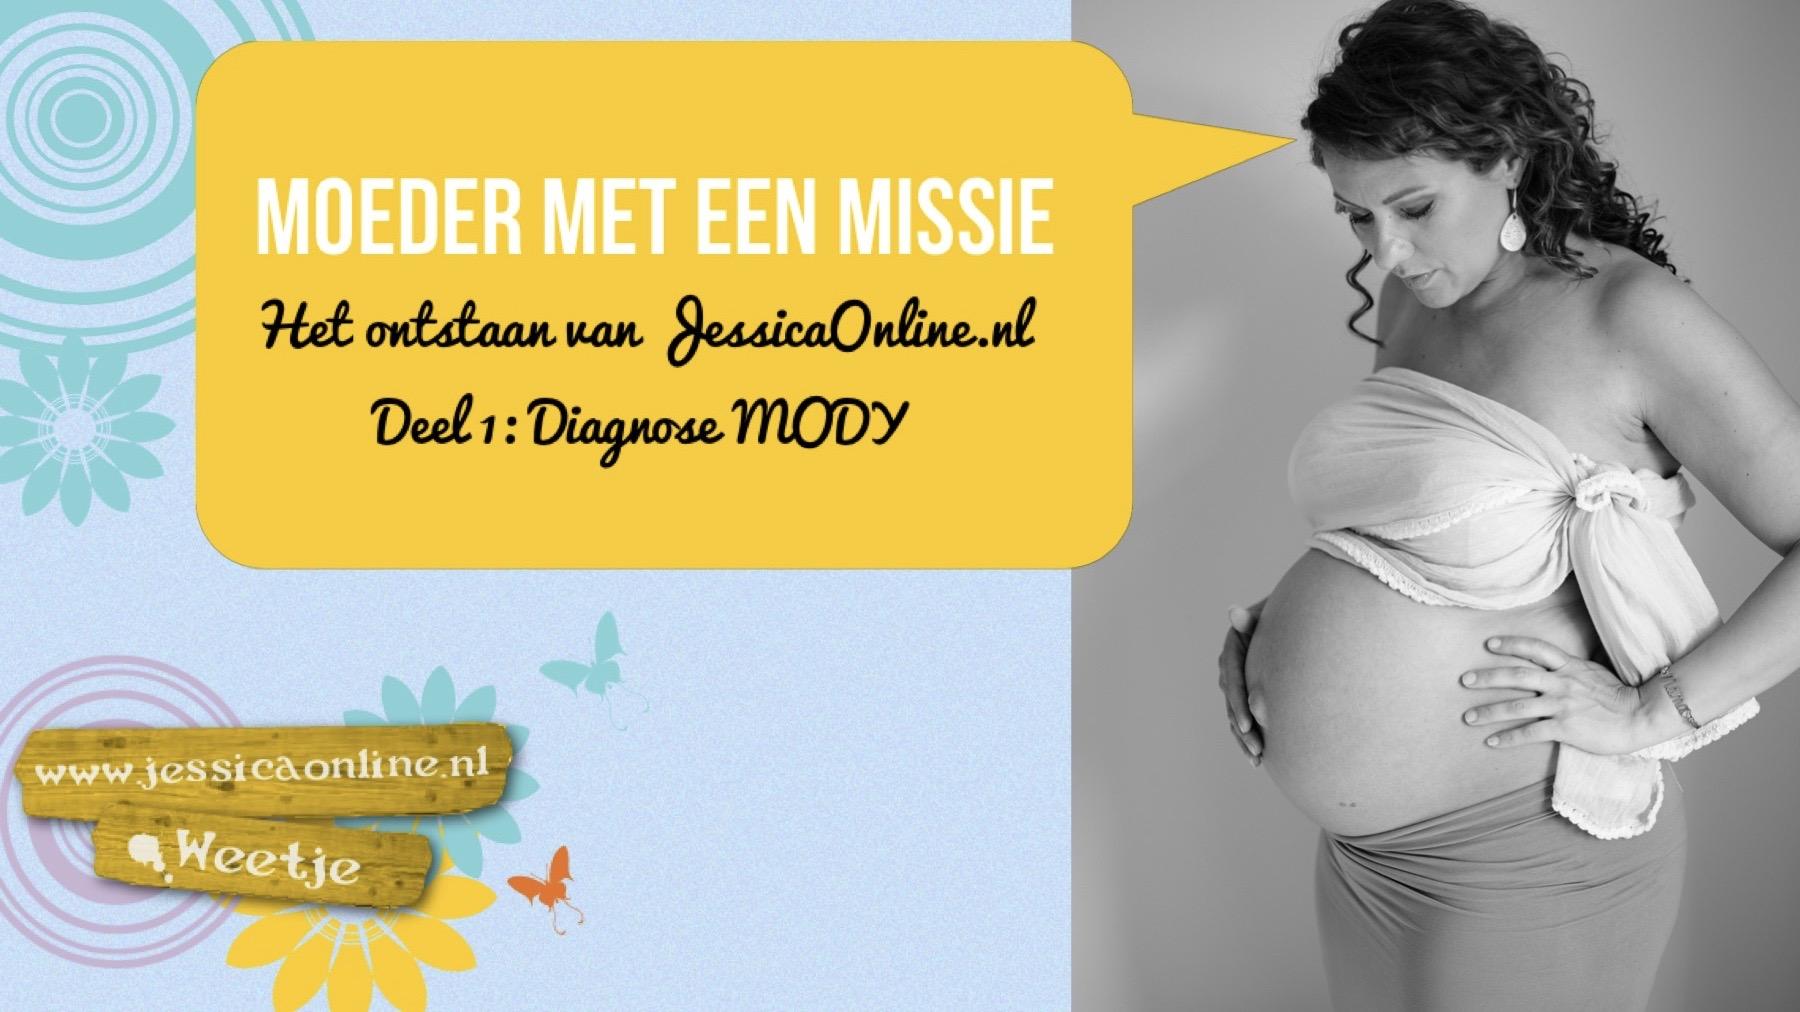 Het begin JessicaOnline.nl